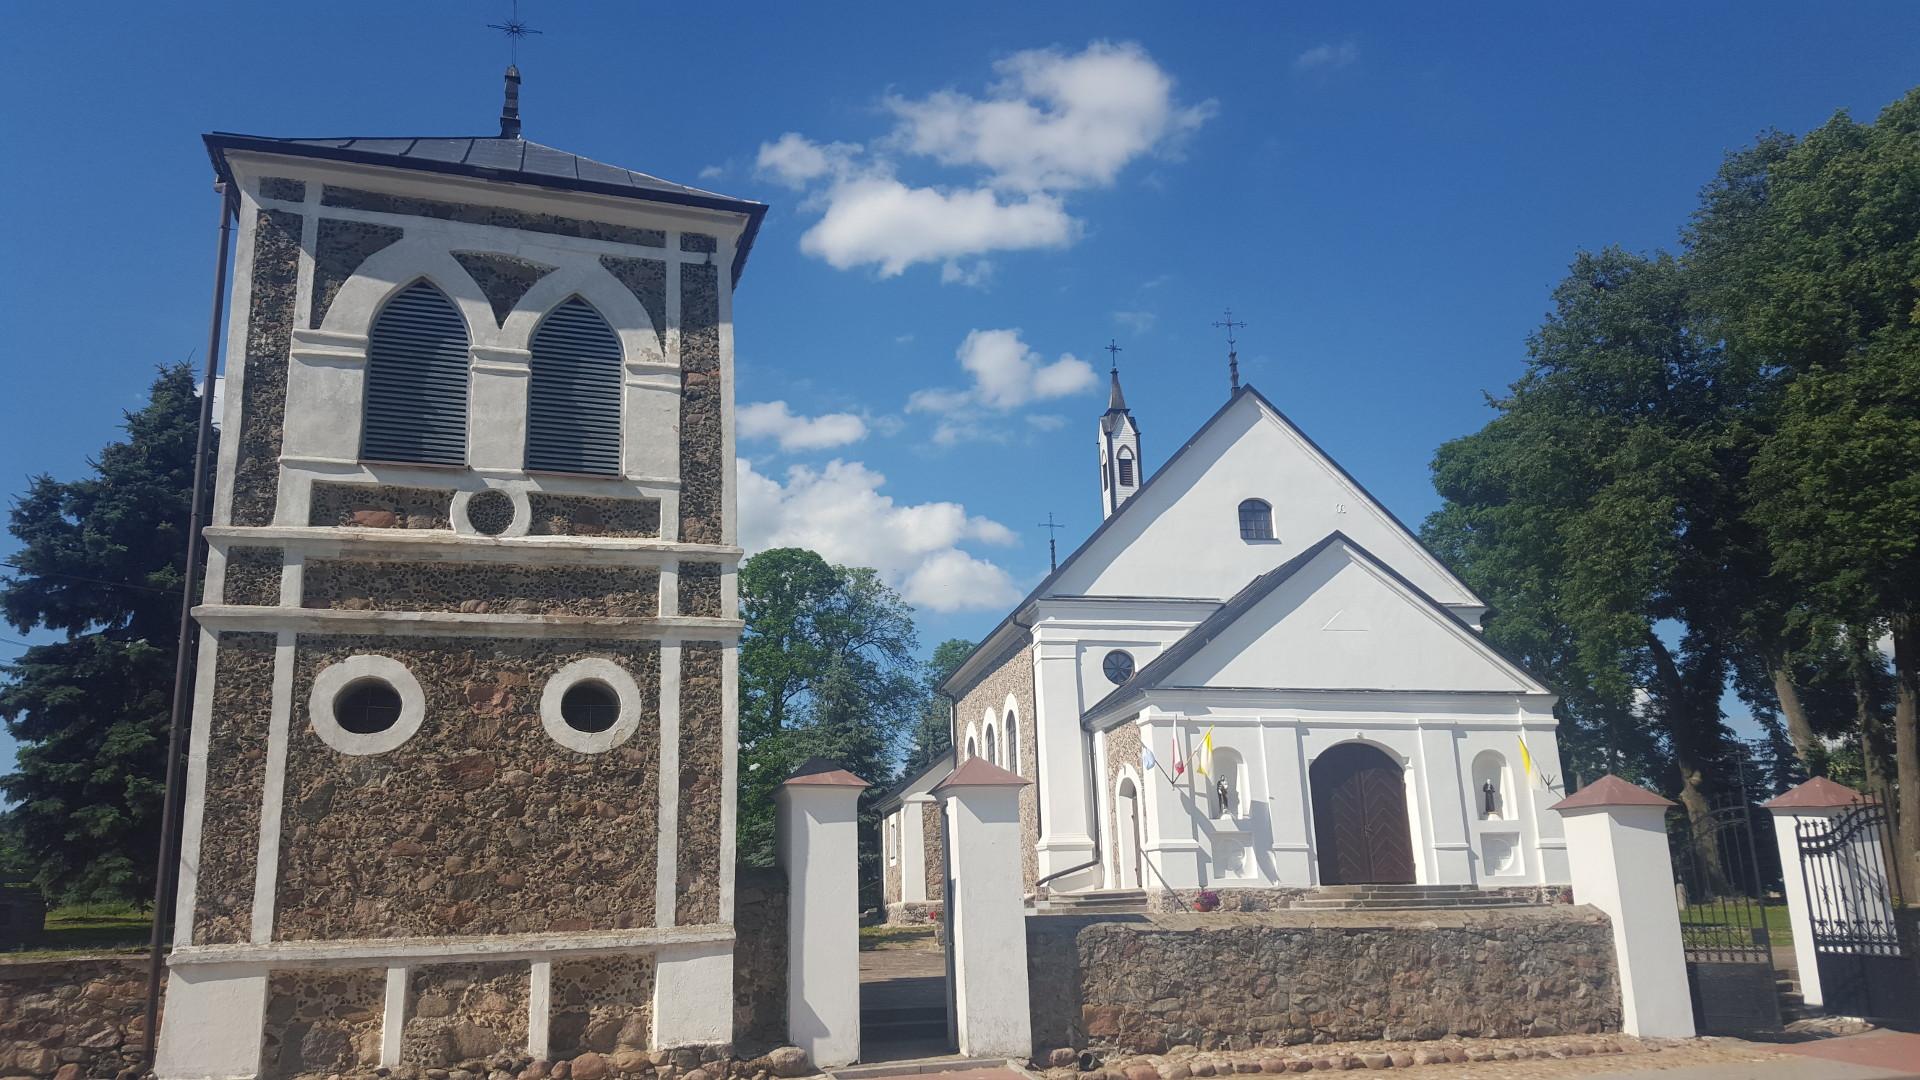 Renowacja zabytkowego kościoła w parafii pod wezwaniem św. Jana Chrzciciela w Brzozowej - 2